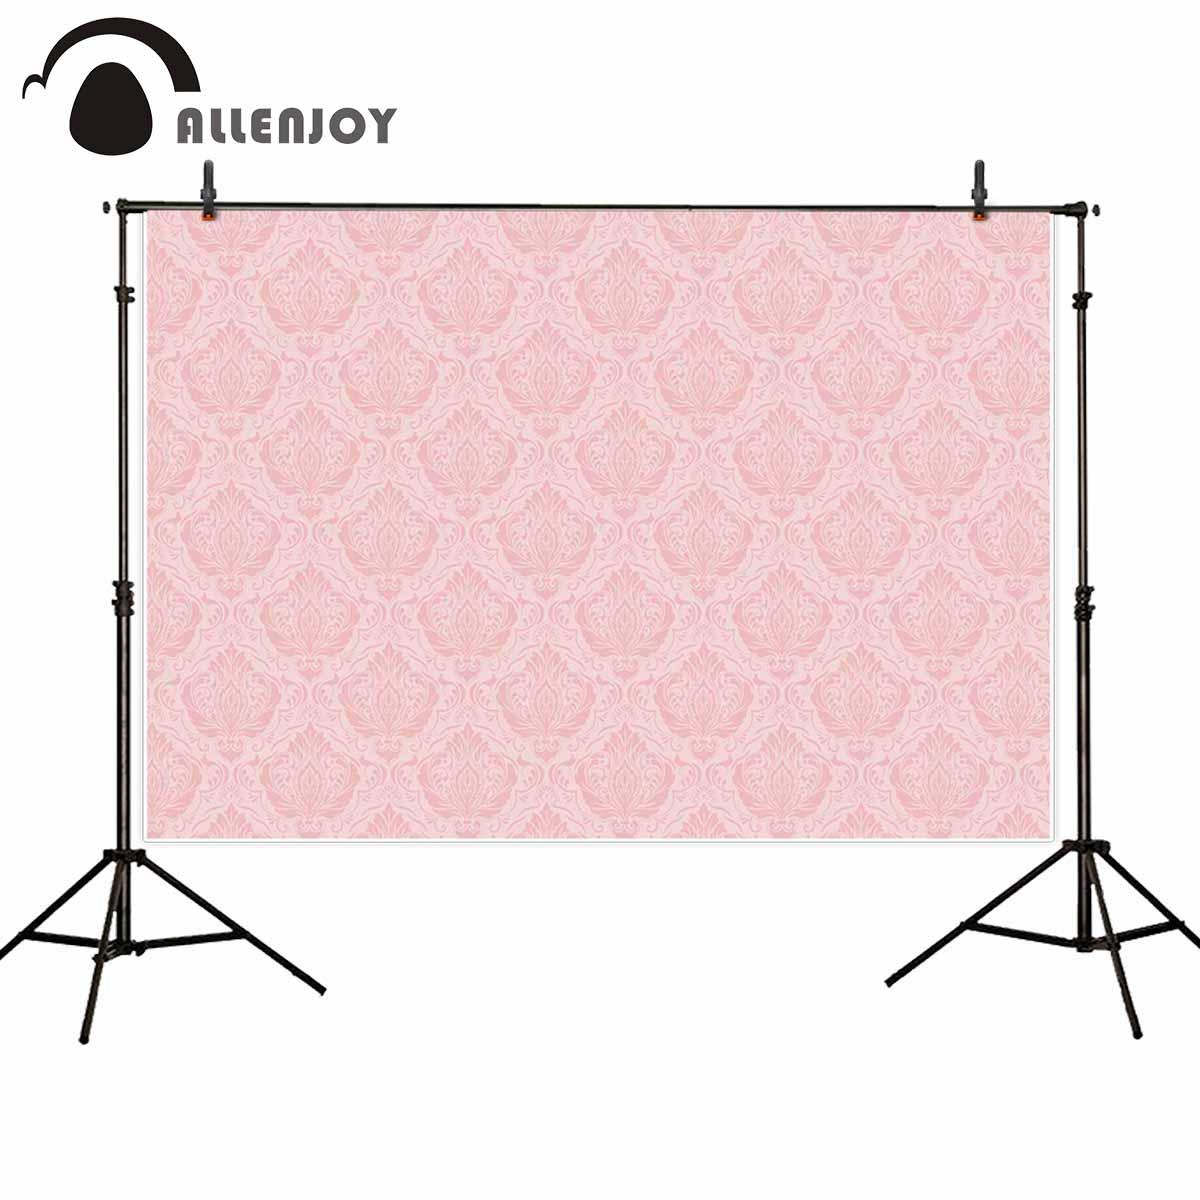 Allenjoy rosa damast hintergrund für foto studio geburtstag dessert tisch decor hintergrund photo fotografie für mädchen partei